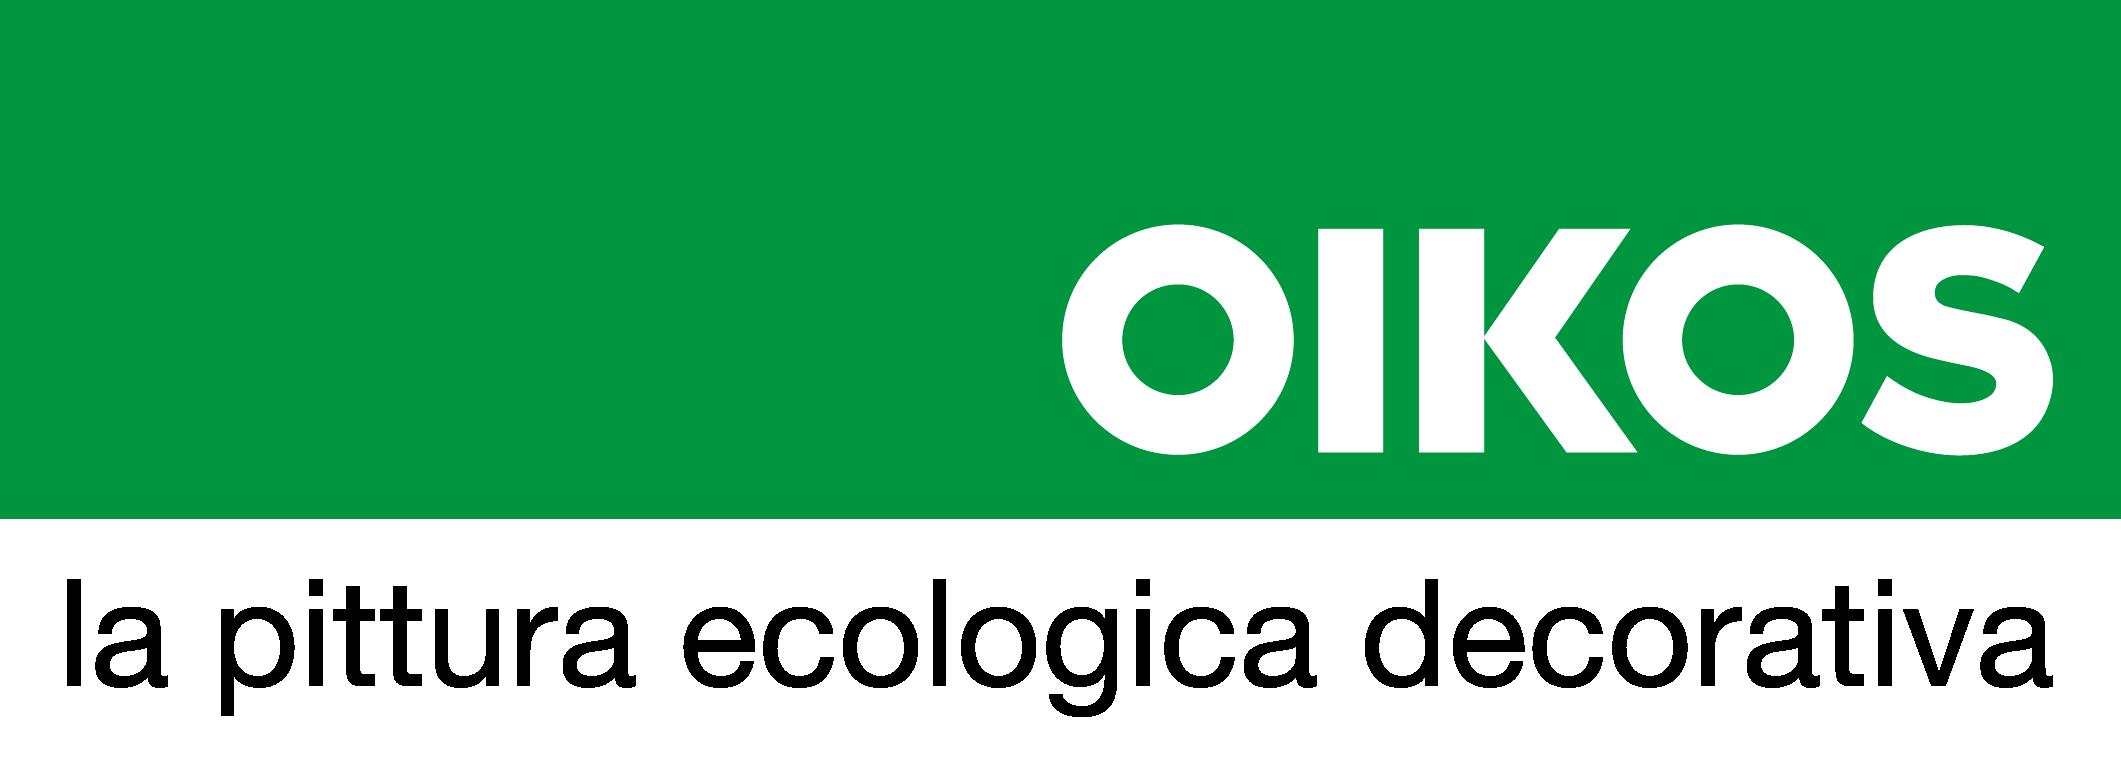 Oikos la pittura ecologica decorativa it domani arriva for Pittura brillantinata oikos